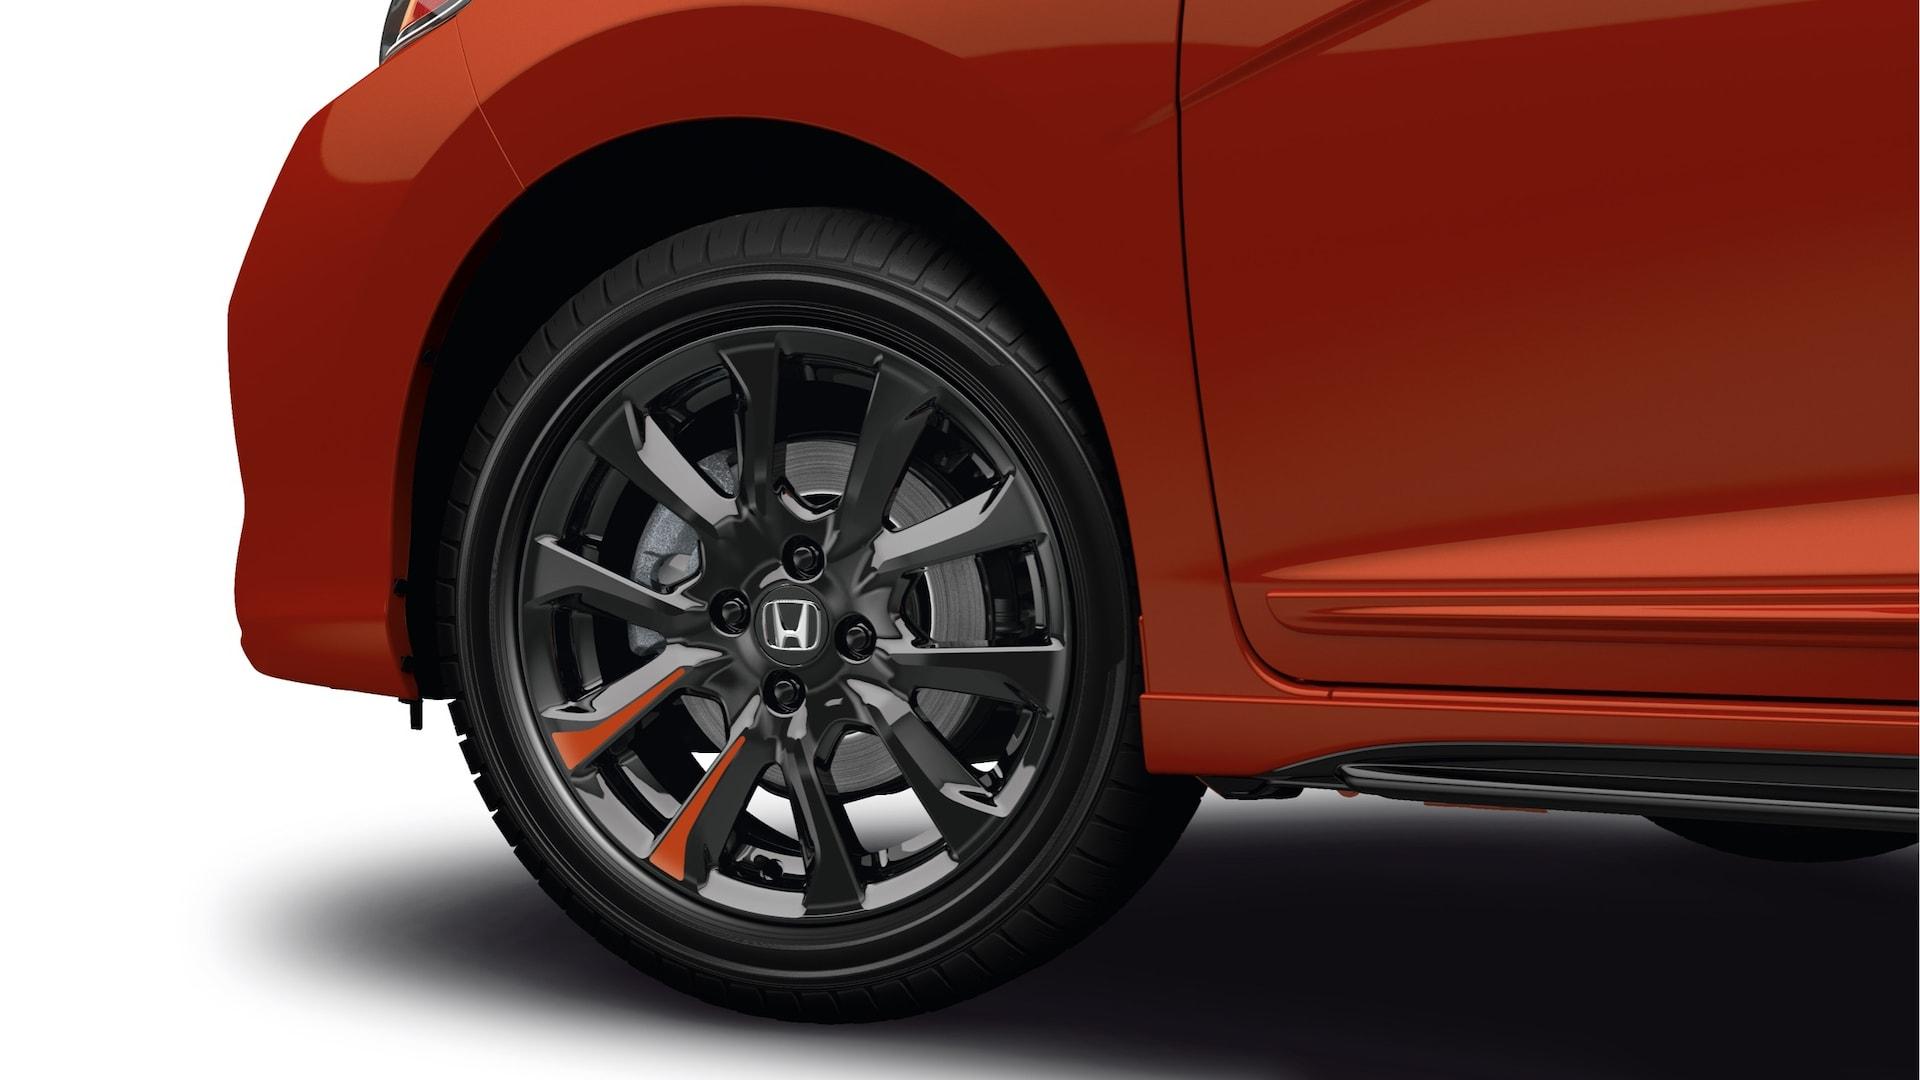 Vista desde el lado del conductor del detalle de las ruedas de aleación de 16pulgadas color negro del Honda Fit2020 en Milano Red.